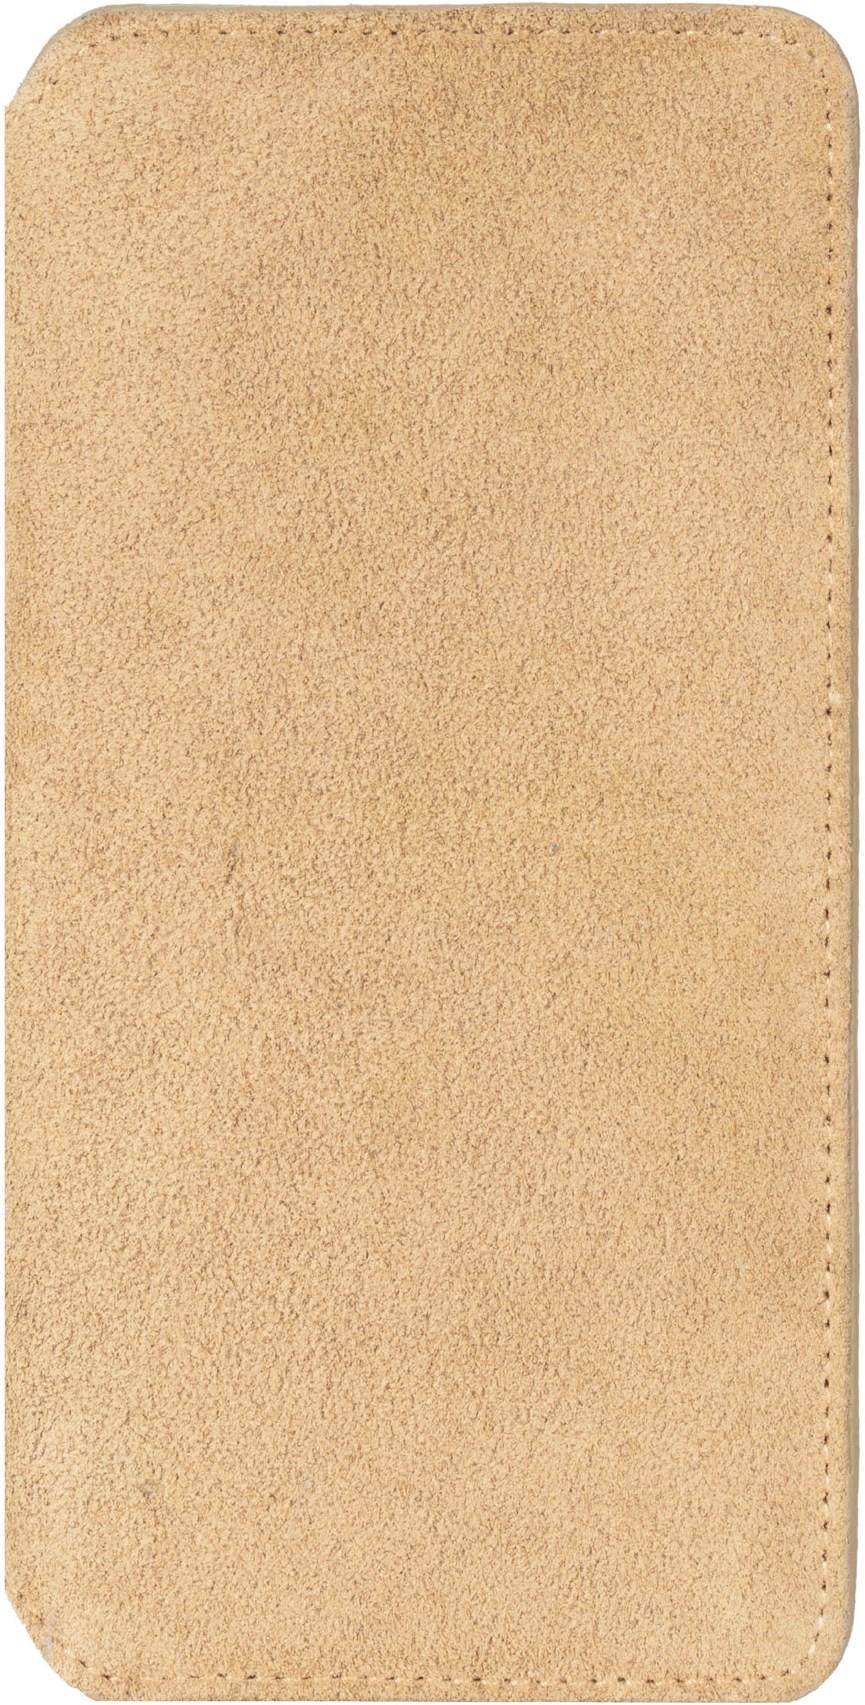 Krusell Broby 4 Card Slimwallet Samsung Galaxy S10 Plus Cognac